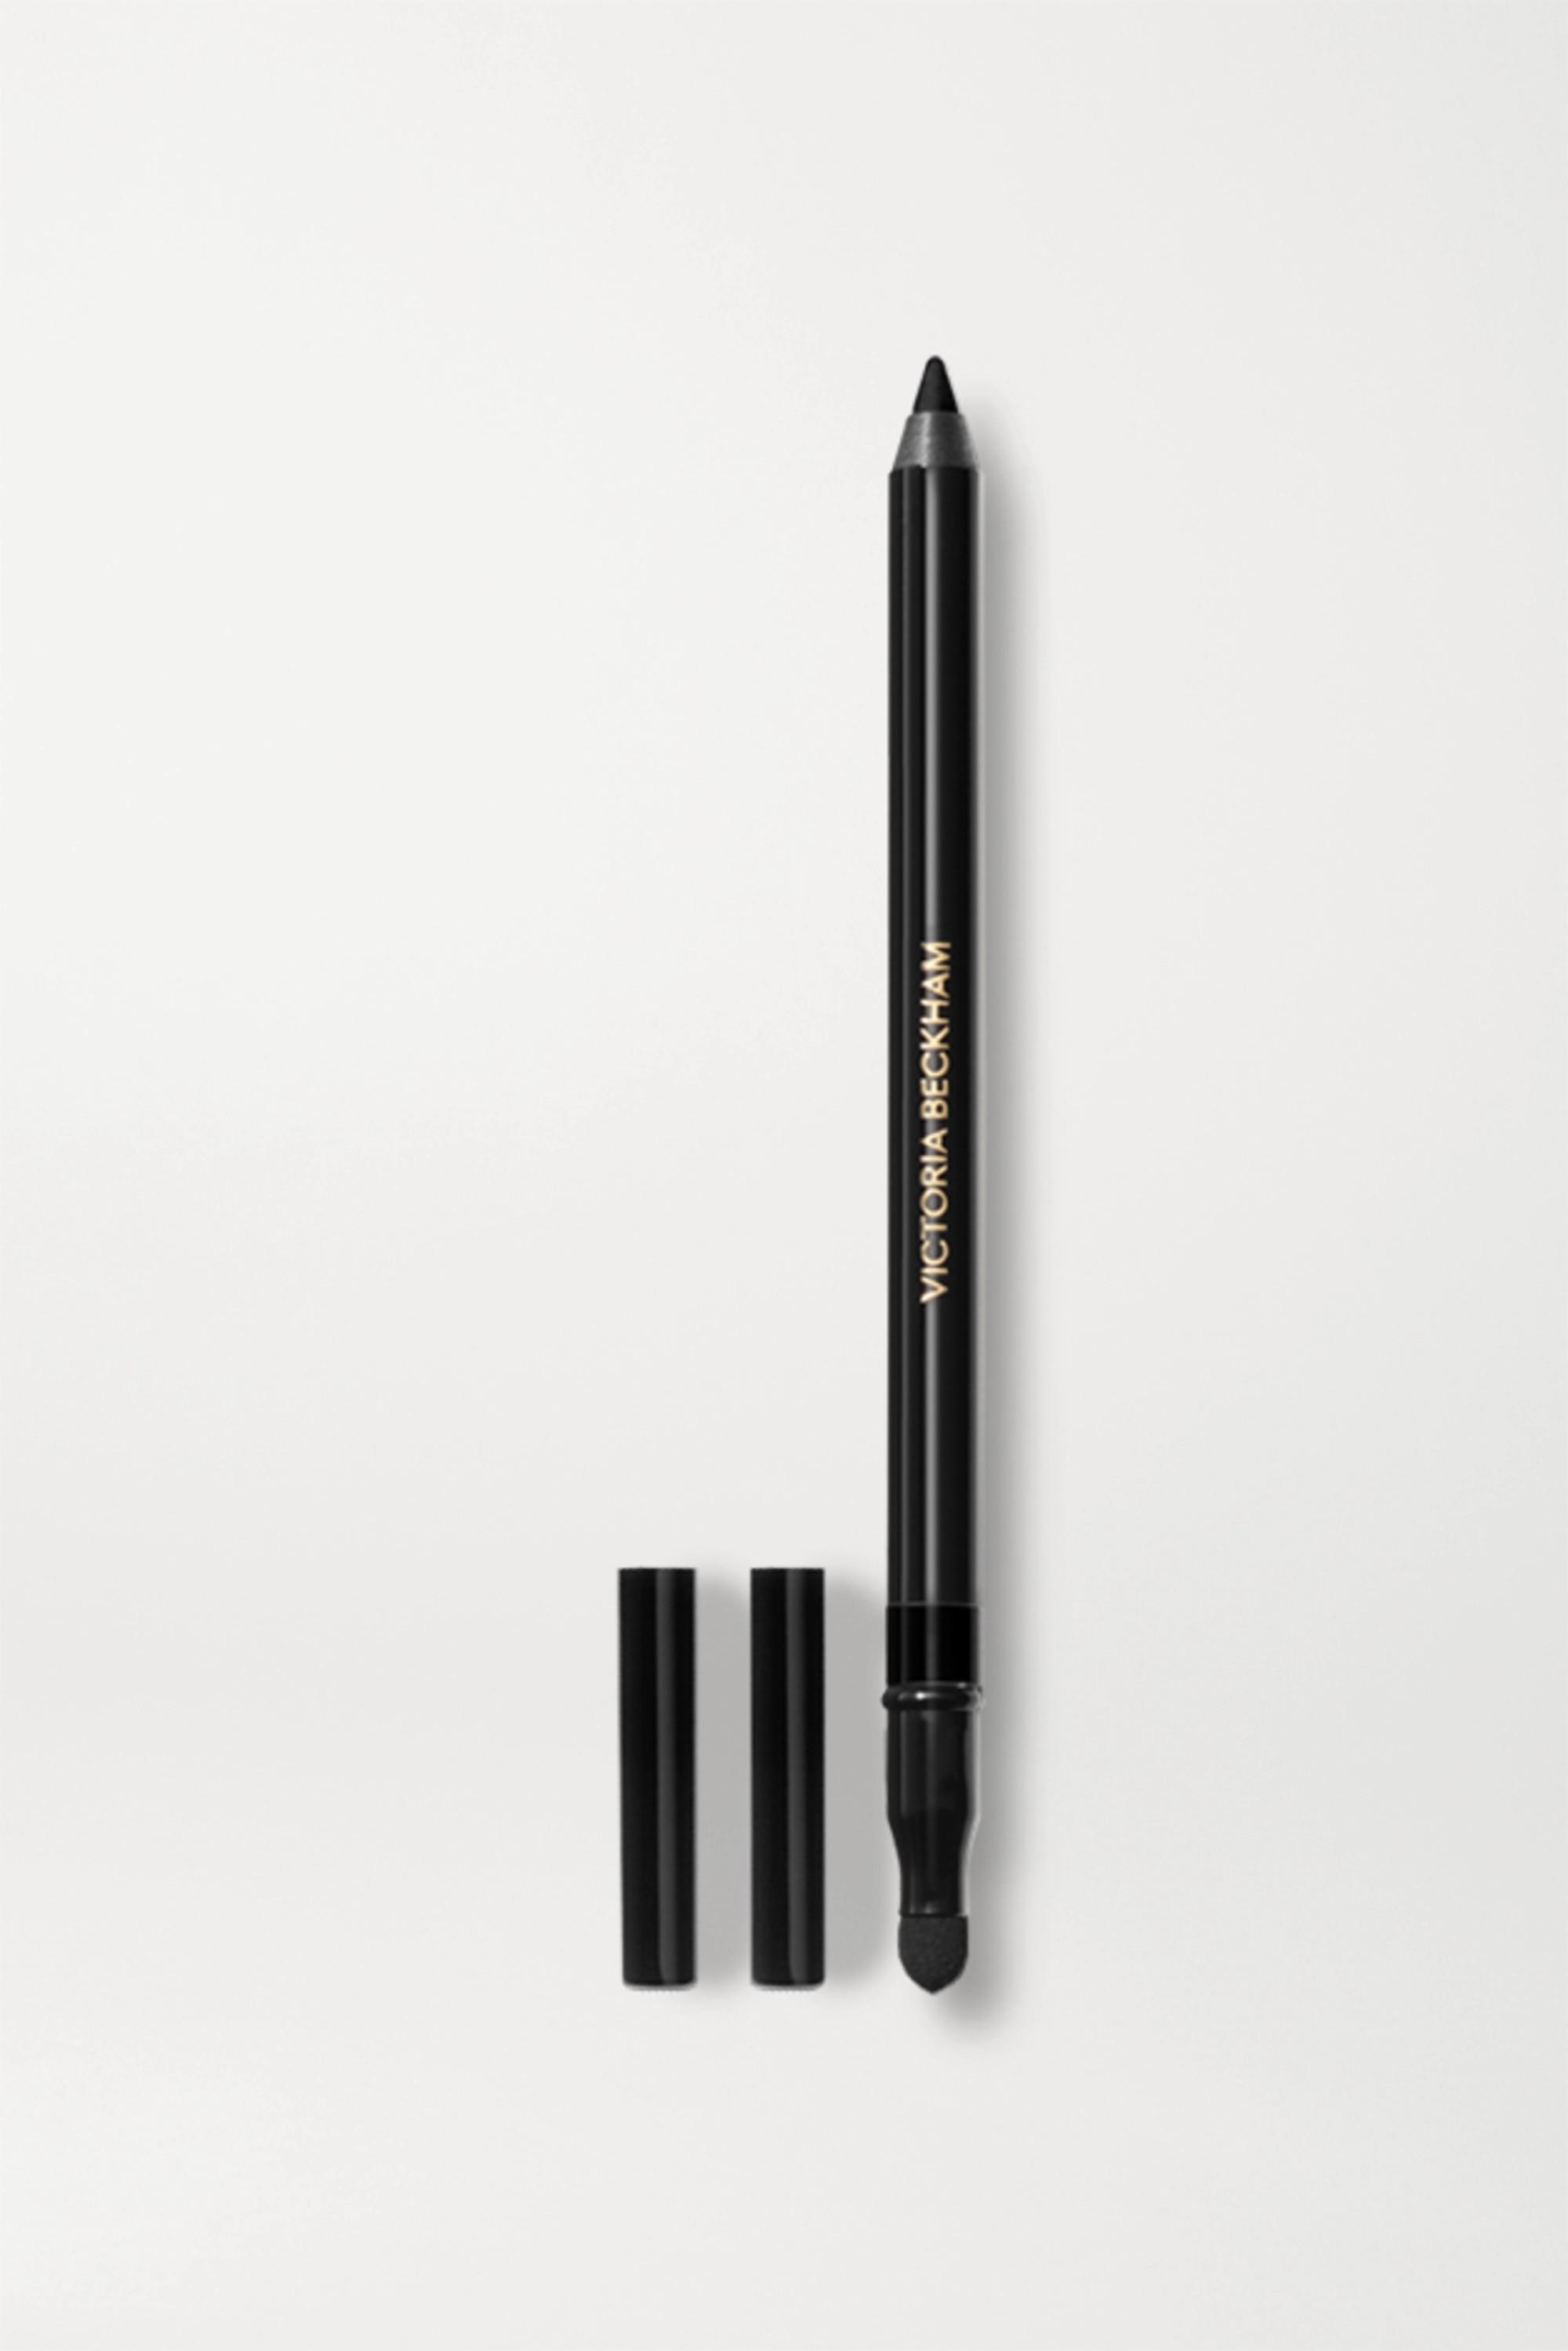 Victoria Beckham Beauty Satin Kajal Liner - Black